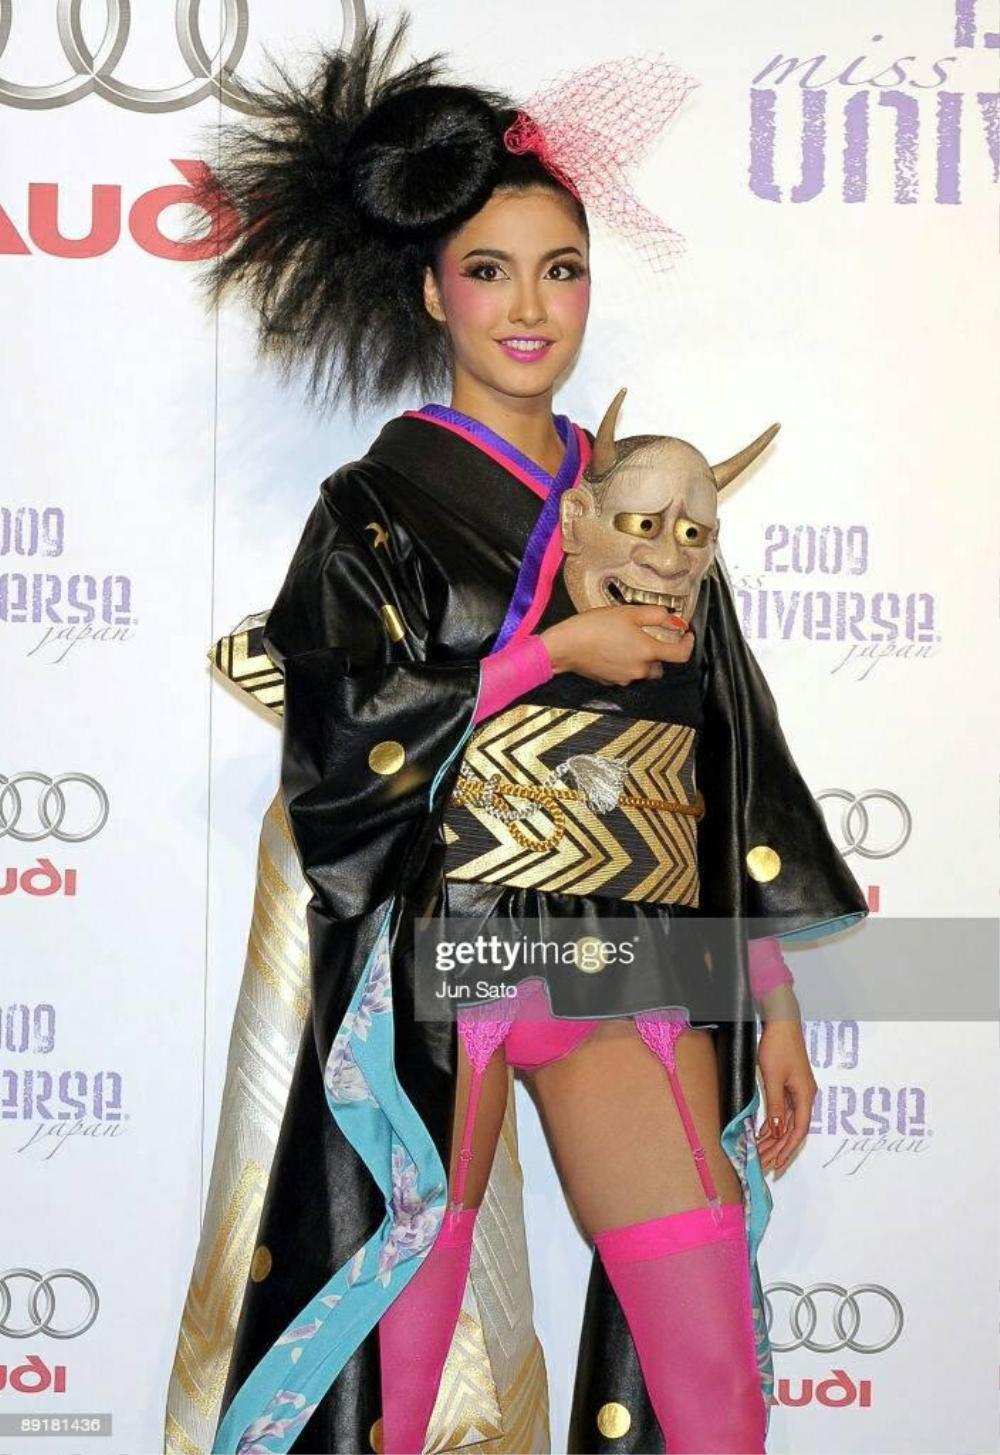 Trang phục dân tộc bị tẩy chay ở Miss Universe: Bộ như phim 18+, bộ vi phạm luật pháp Ảnh 4